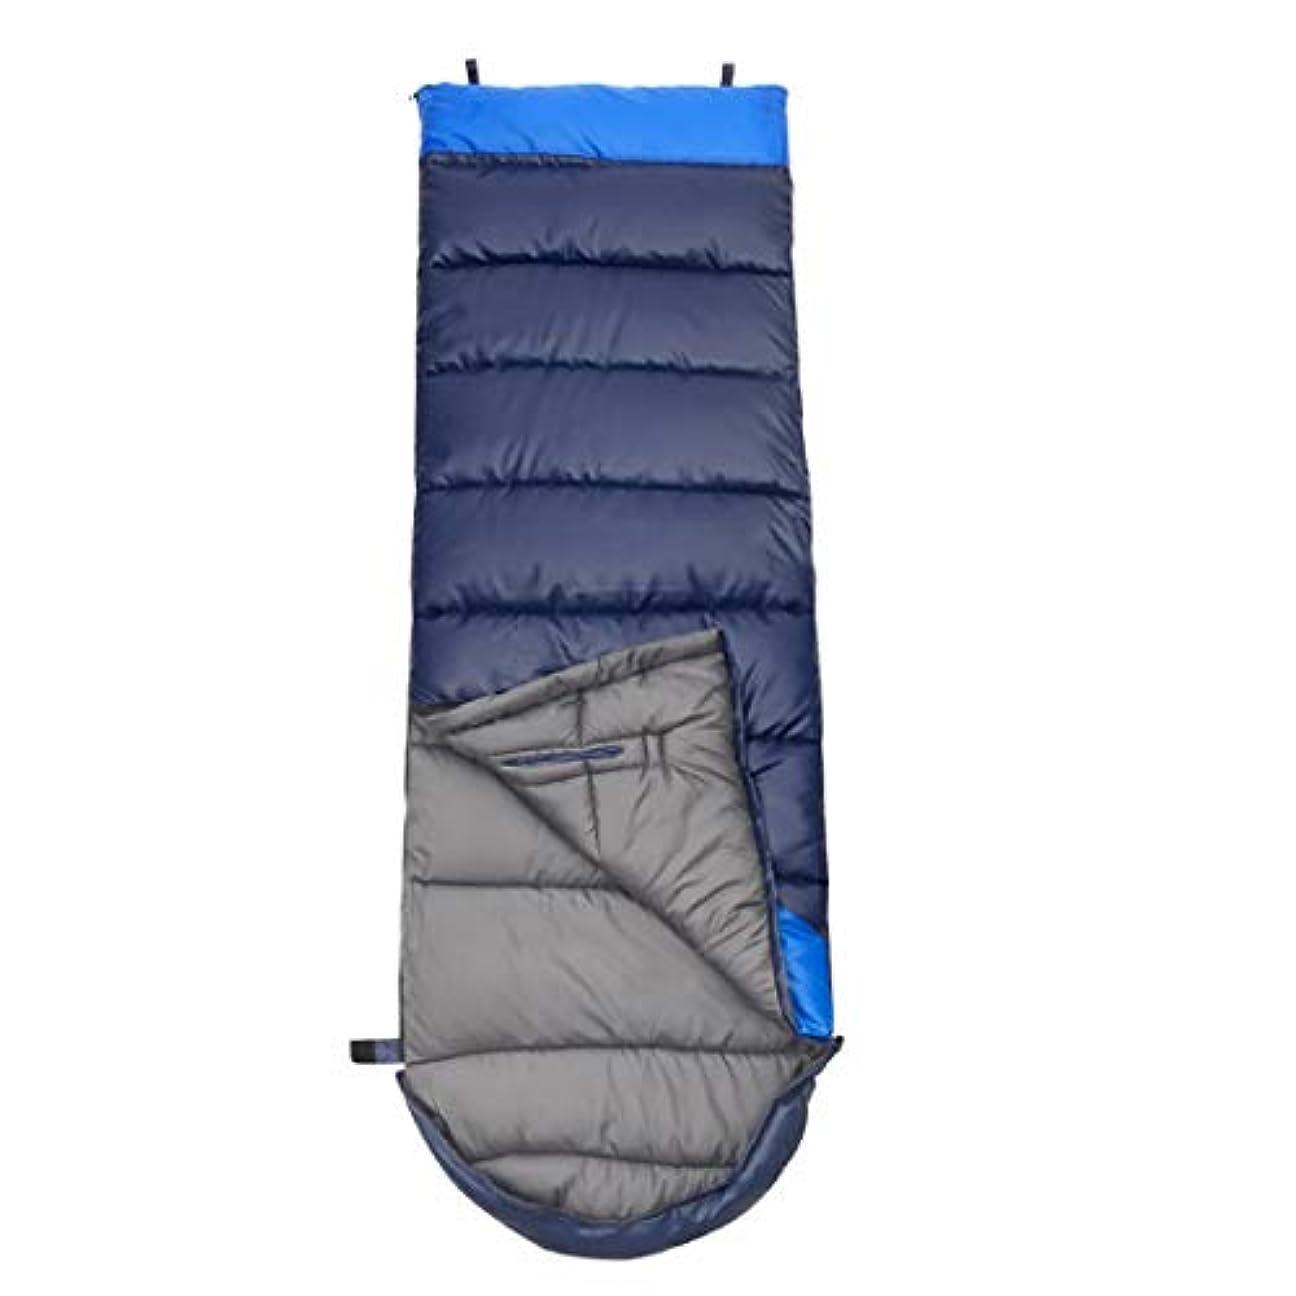 ダーツ解読するファイルMakecny 1.95kgキャンプスプライシング寝袋スプリング厚いフード付きハンドタイプ軽量ポータブル防水快適圧縮バッグ旅行 (色 : 青, サイズ : 1.95kg)